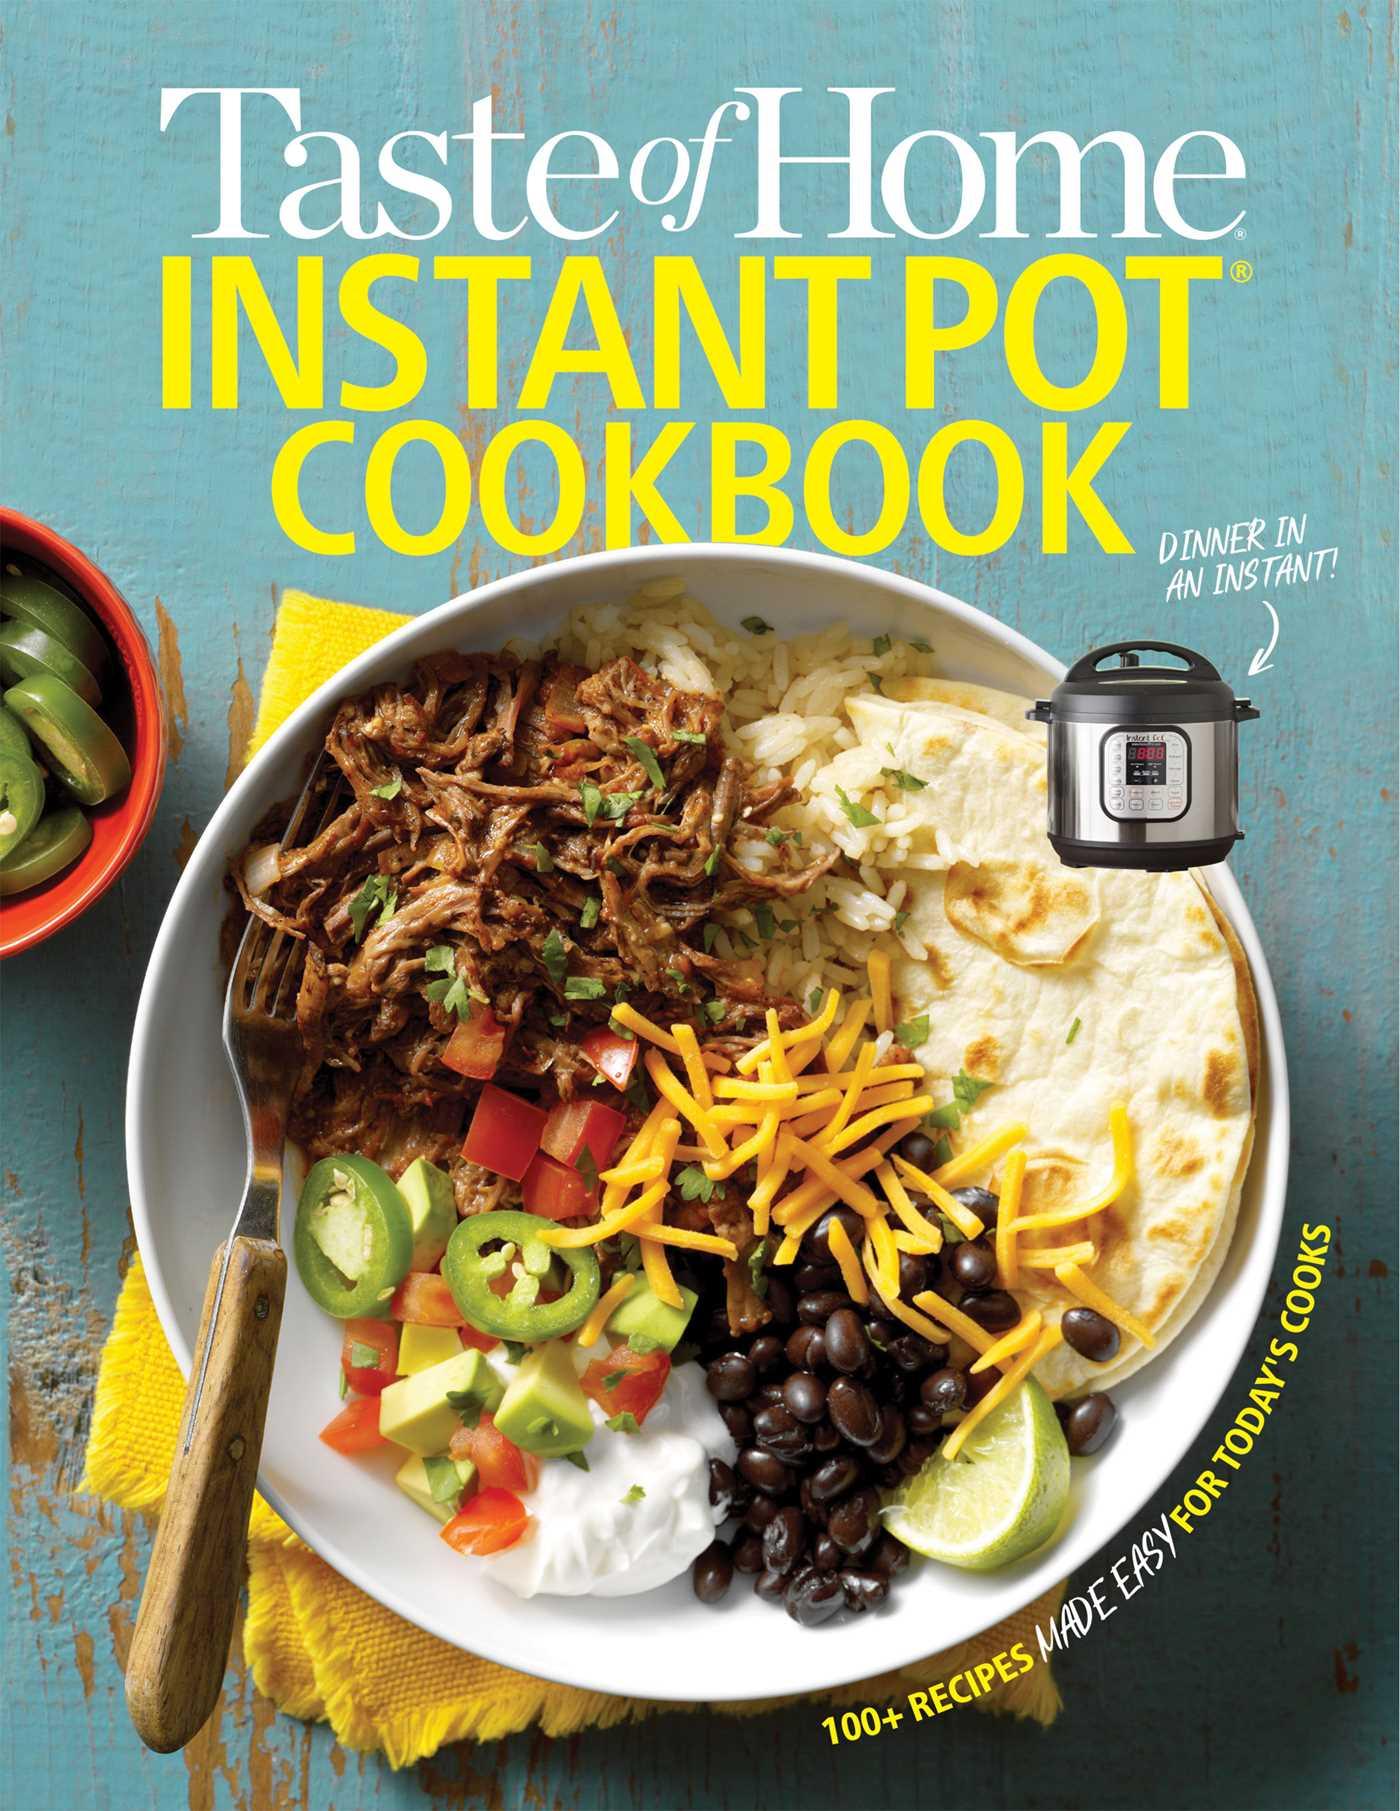 Taste of home instant pot cookbook 9781617657665 hr